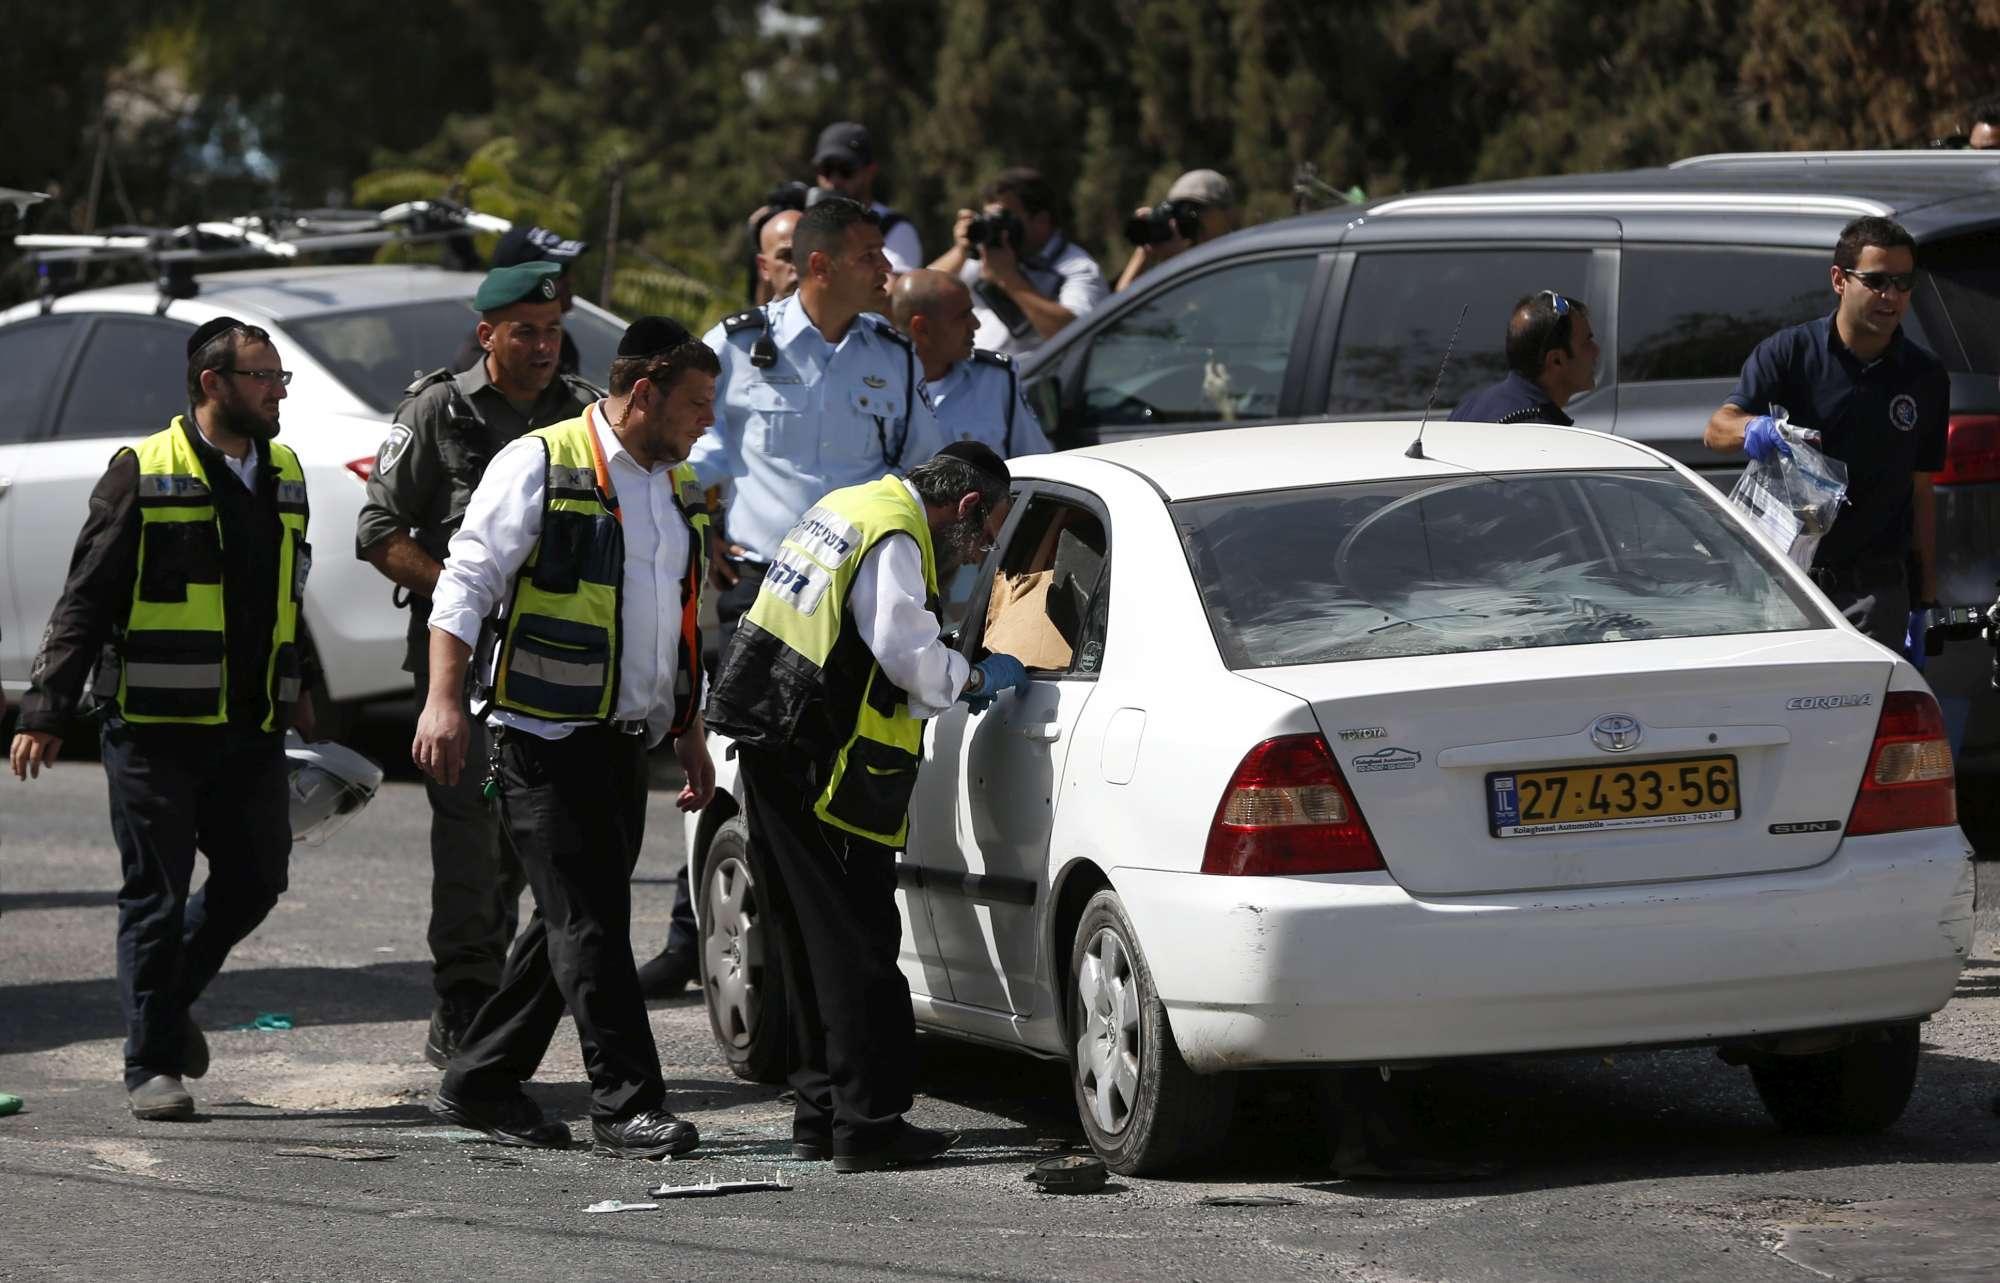 Attentato a Gerusalemme, diversi feriti. Terrorista ucciso